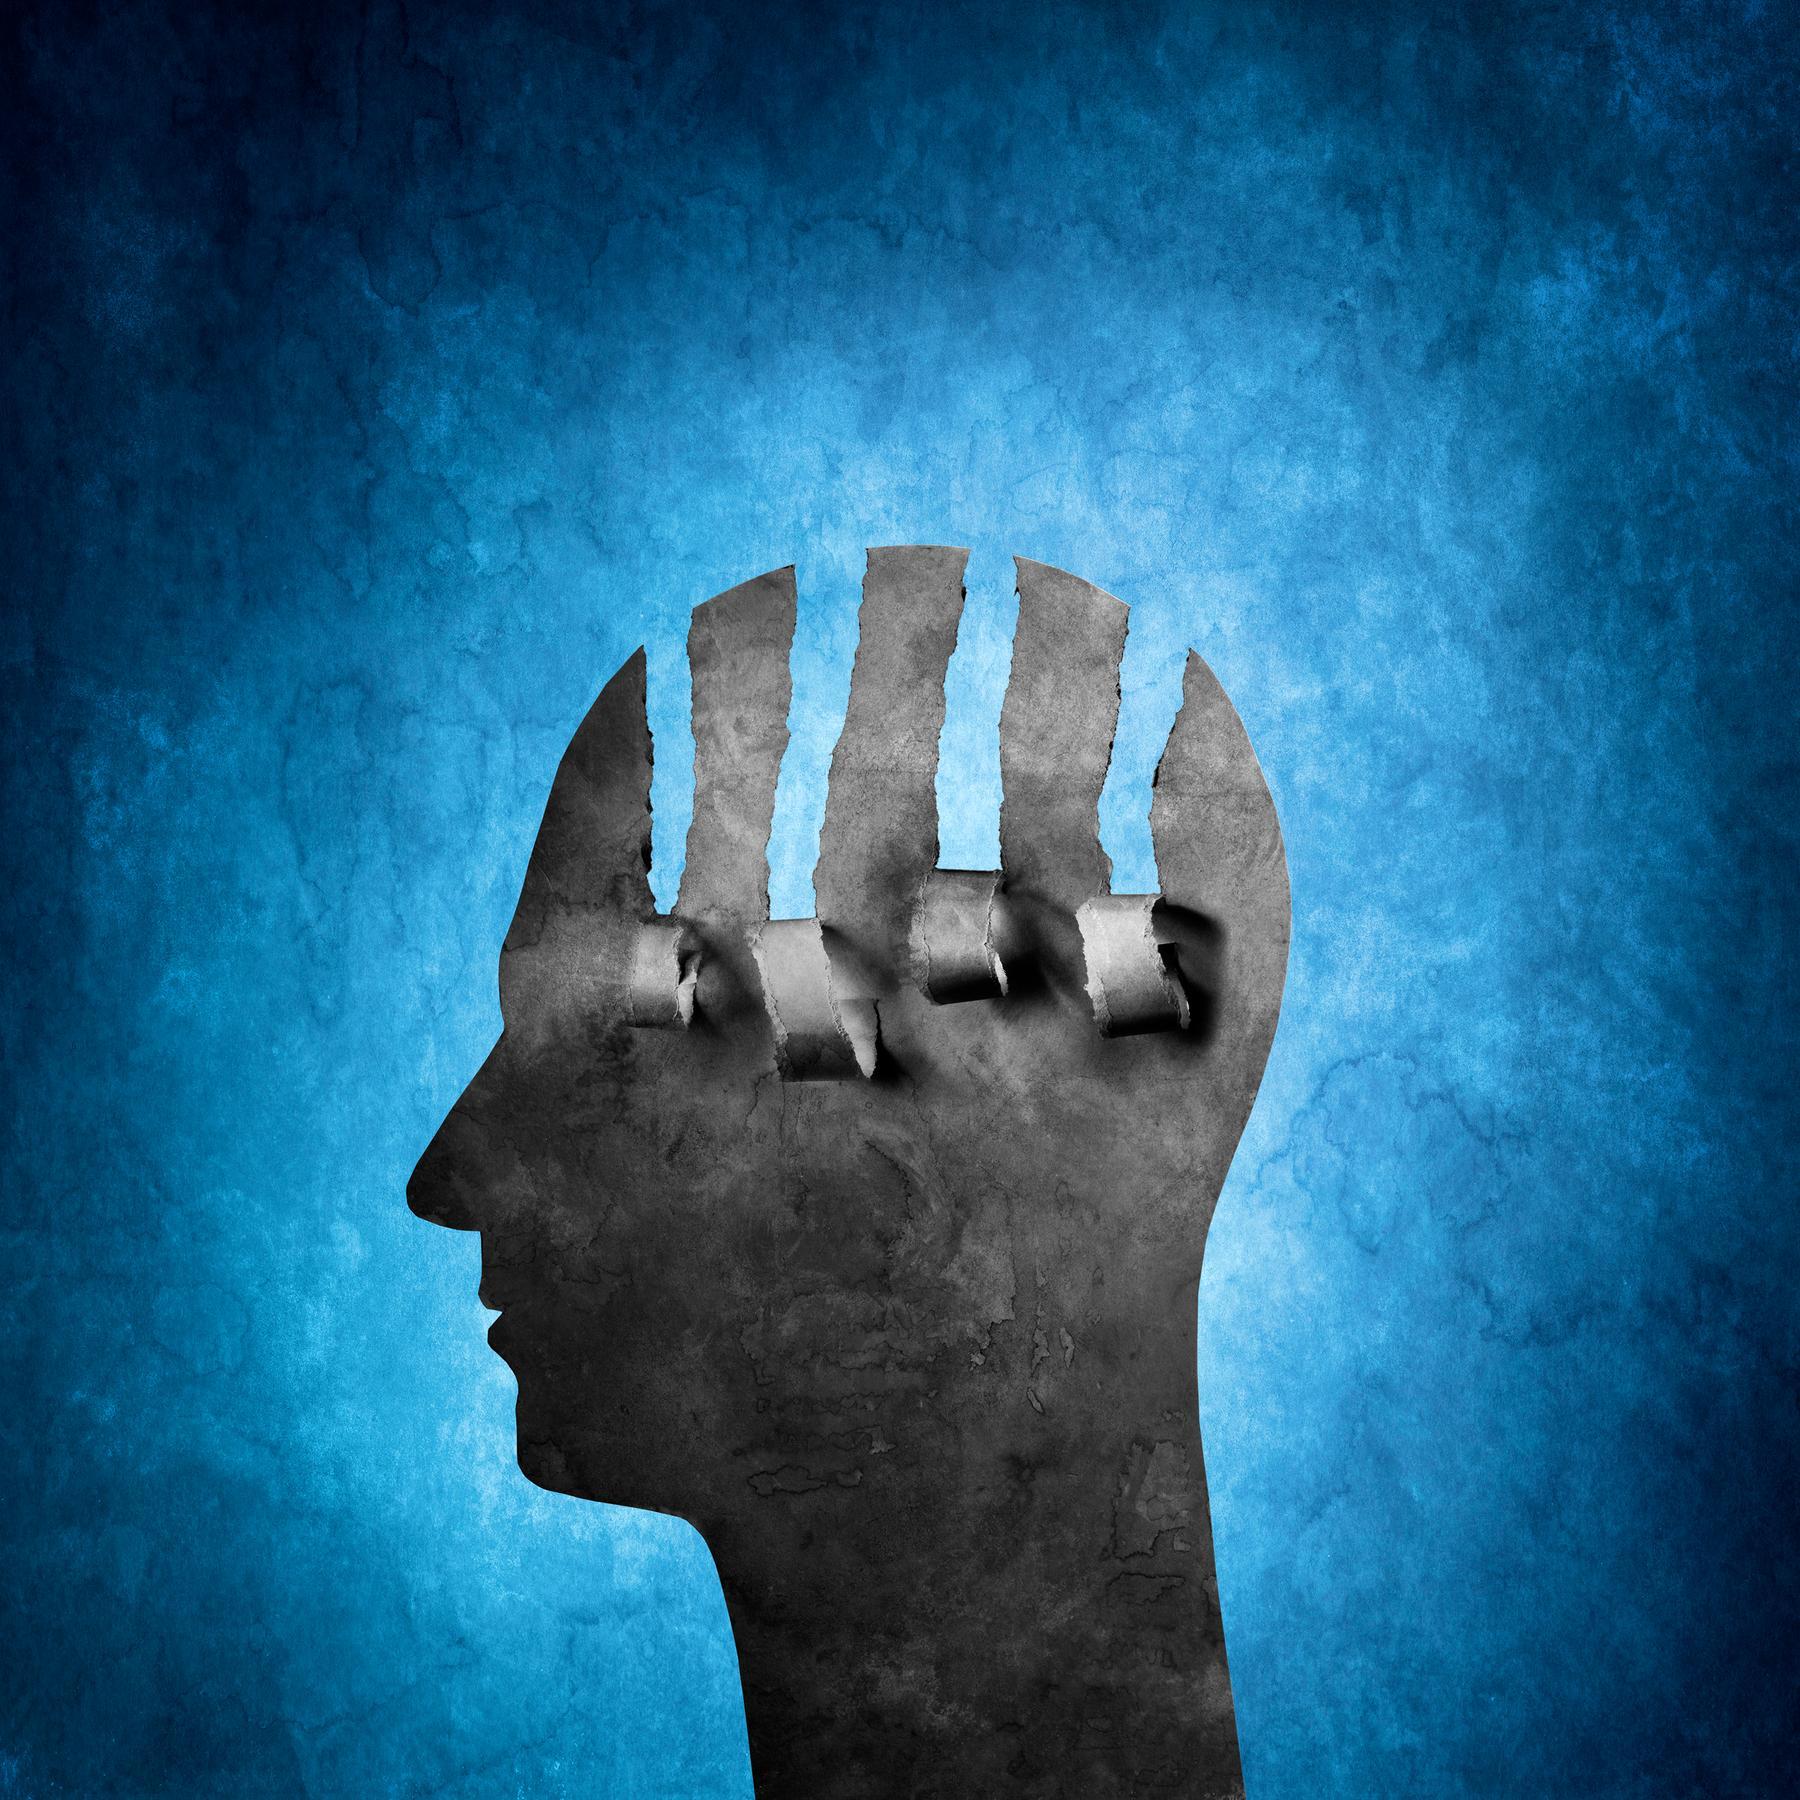 Trauma - Wie umgehen mit psychischen Verletzungen